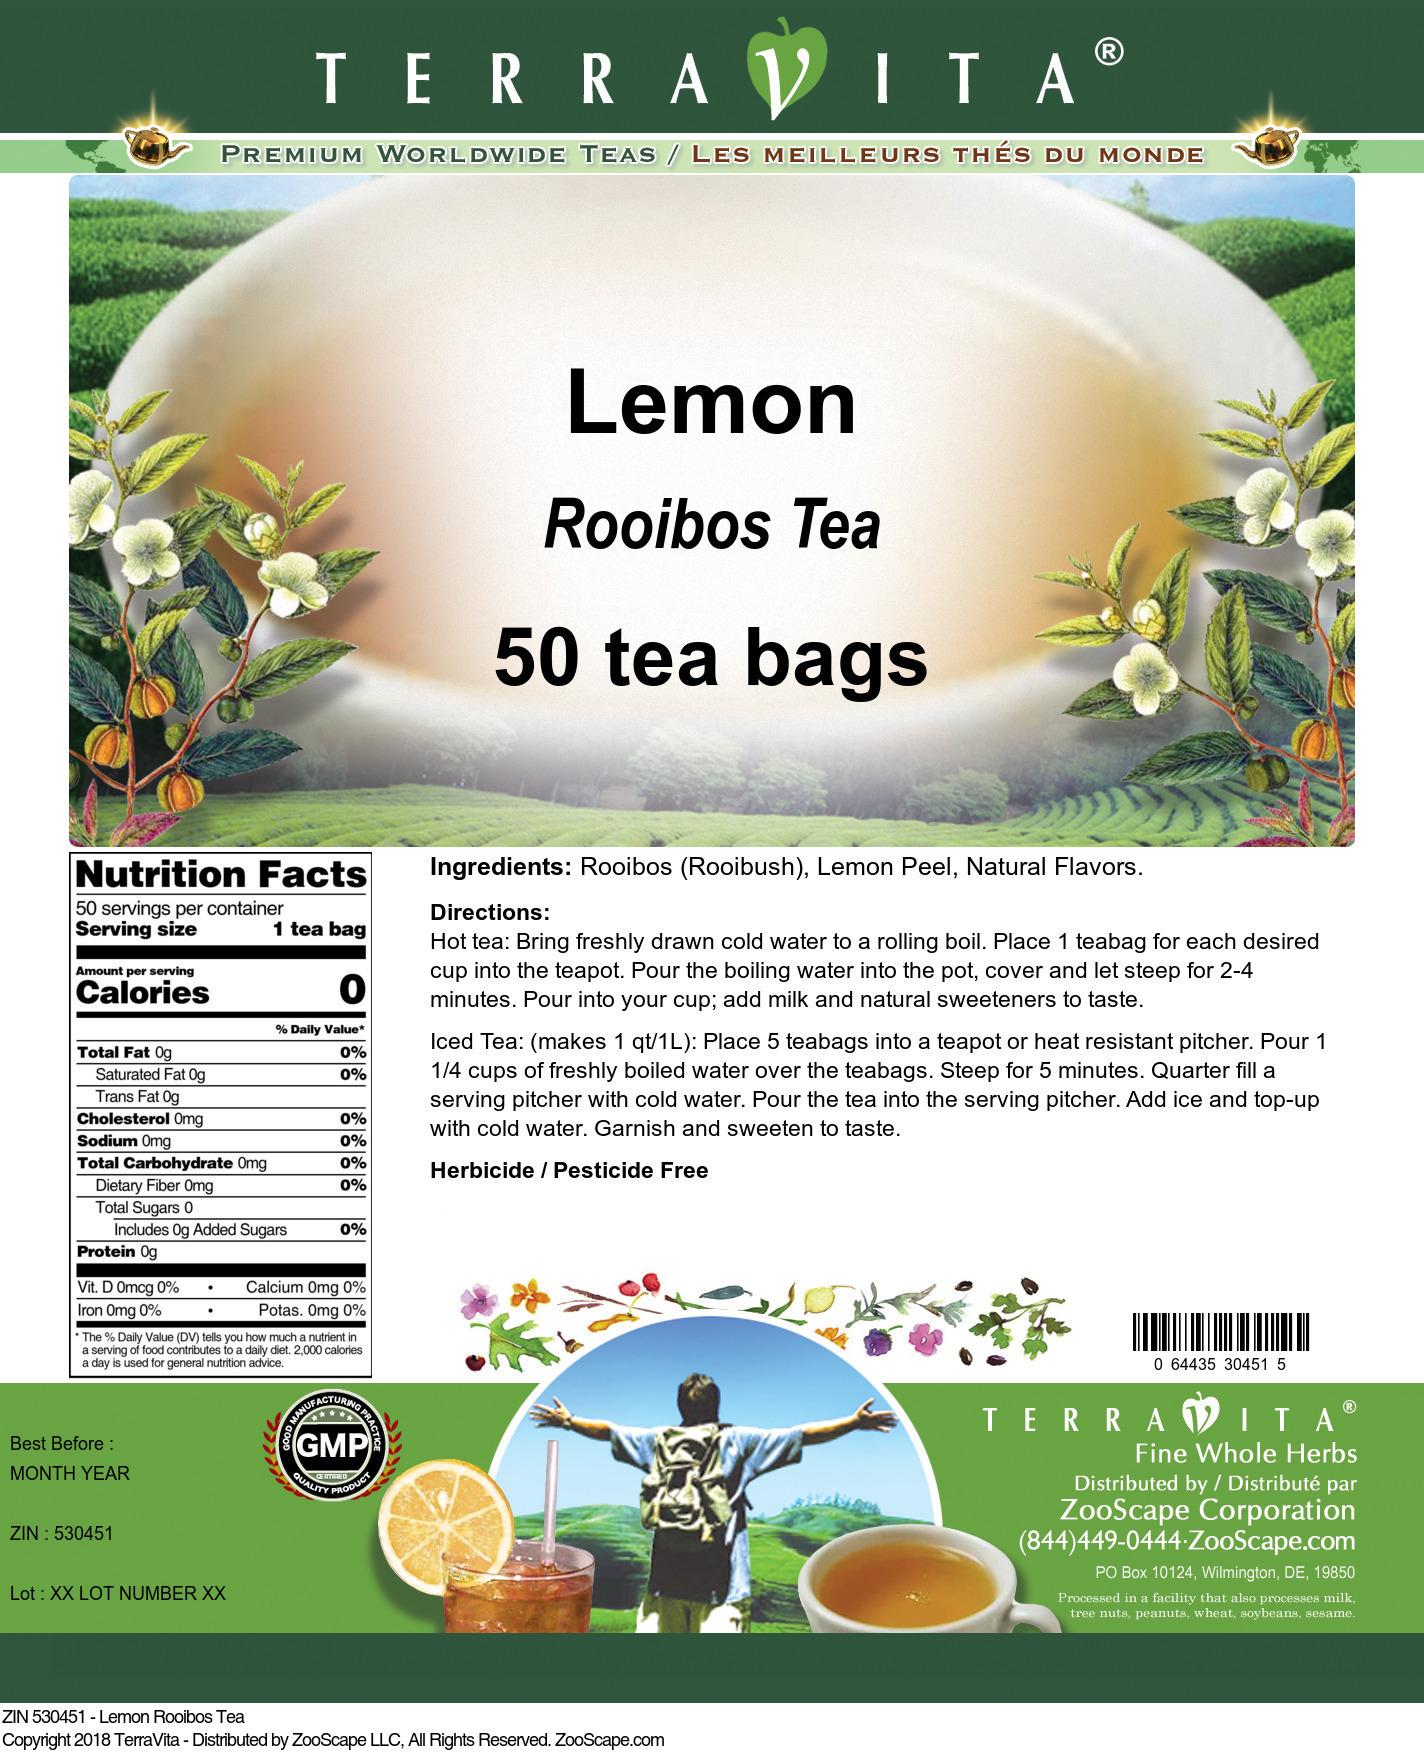 Lemon Rooibos Tea